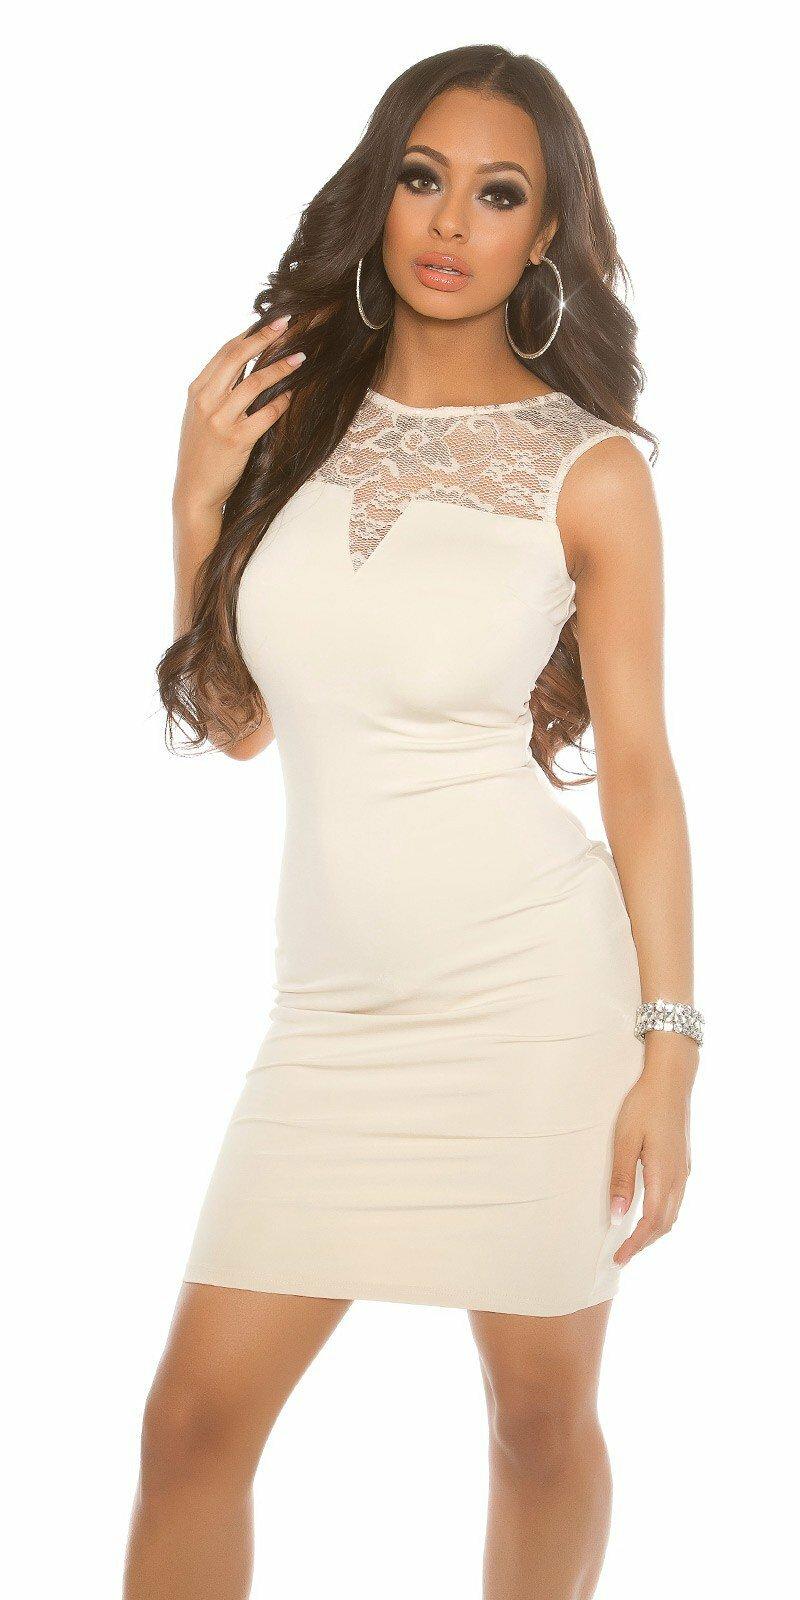 Dámske puzdrové šaty bez rukávov  Veľkosť Univerzálna (XS S M) Farba 49b2240269